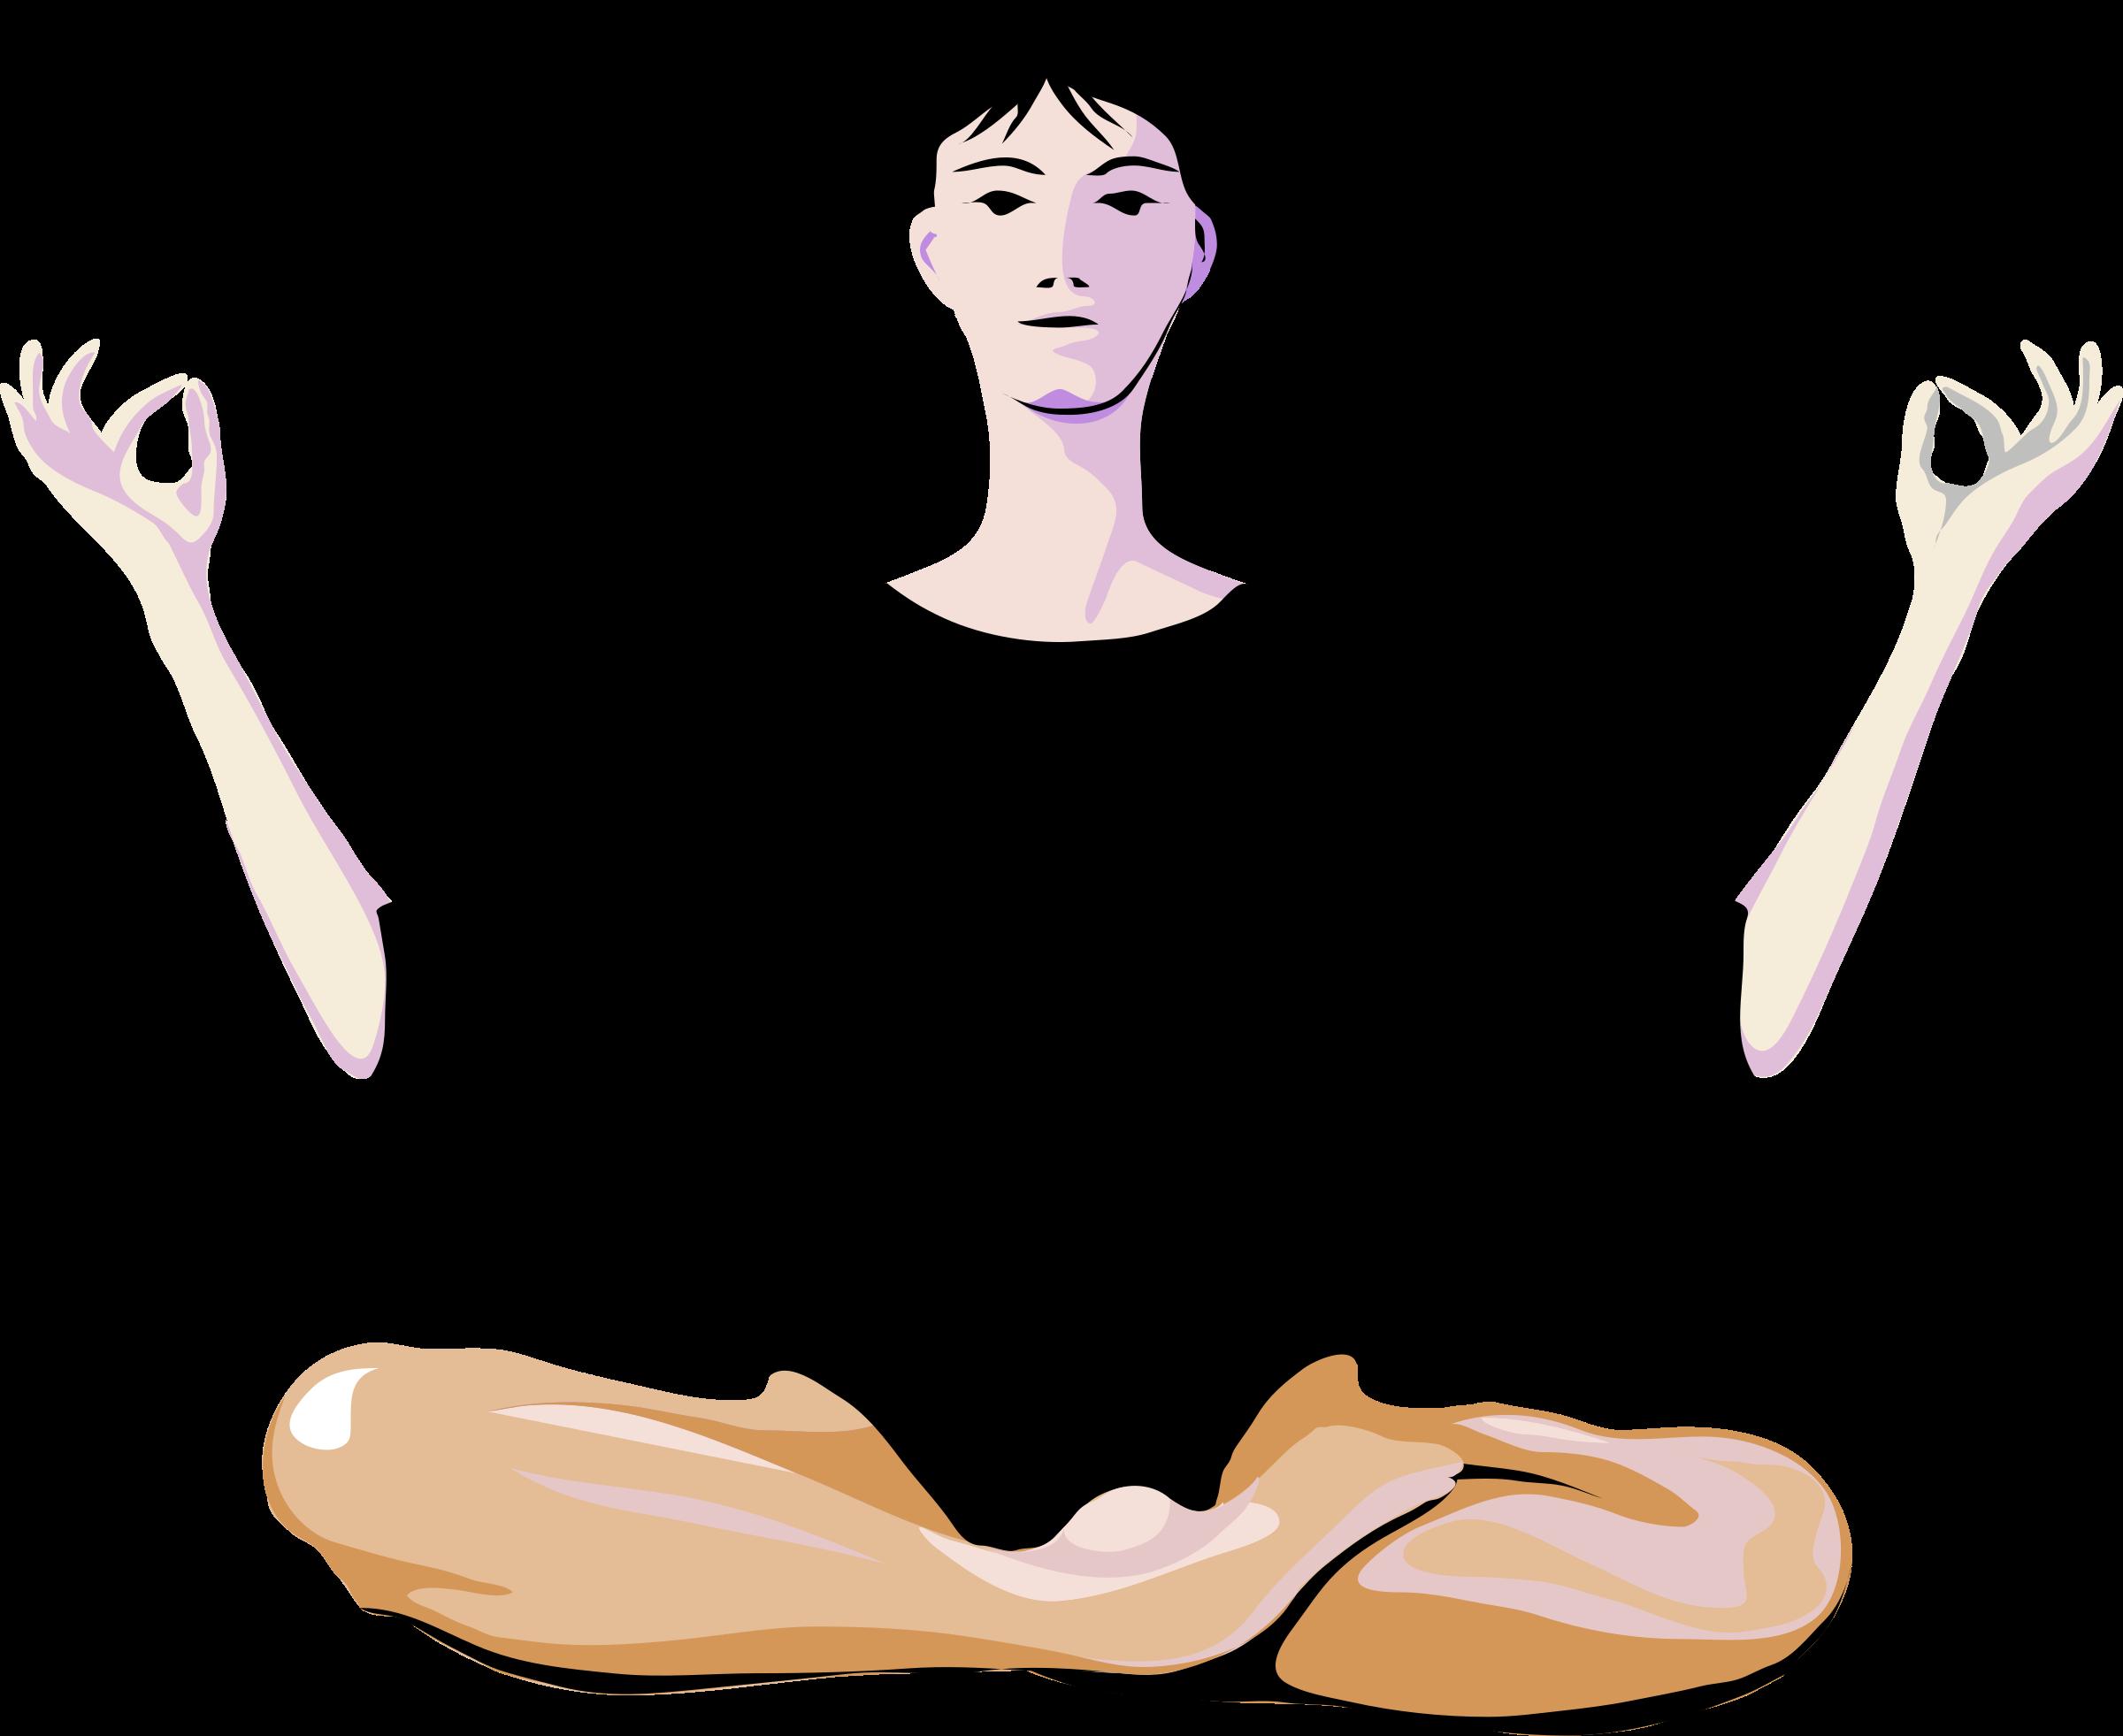 новым рисунок йога на белом фоне способствует быстрому